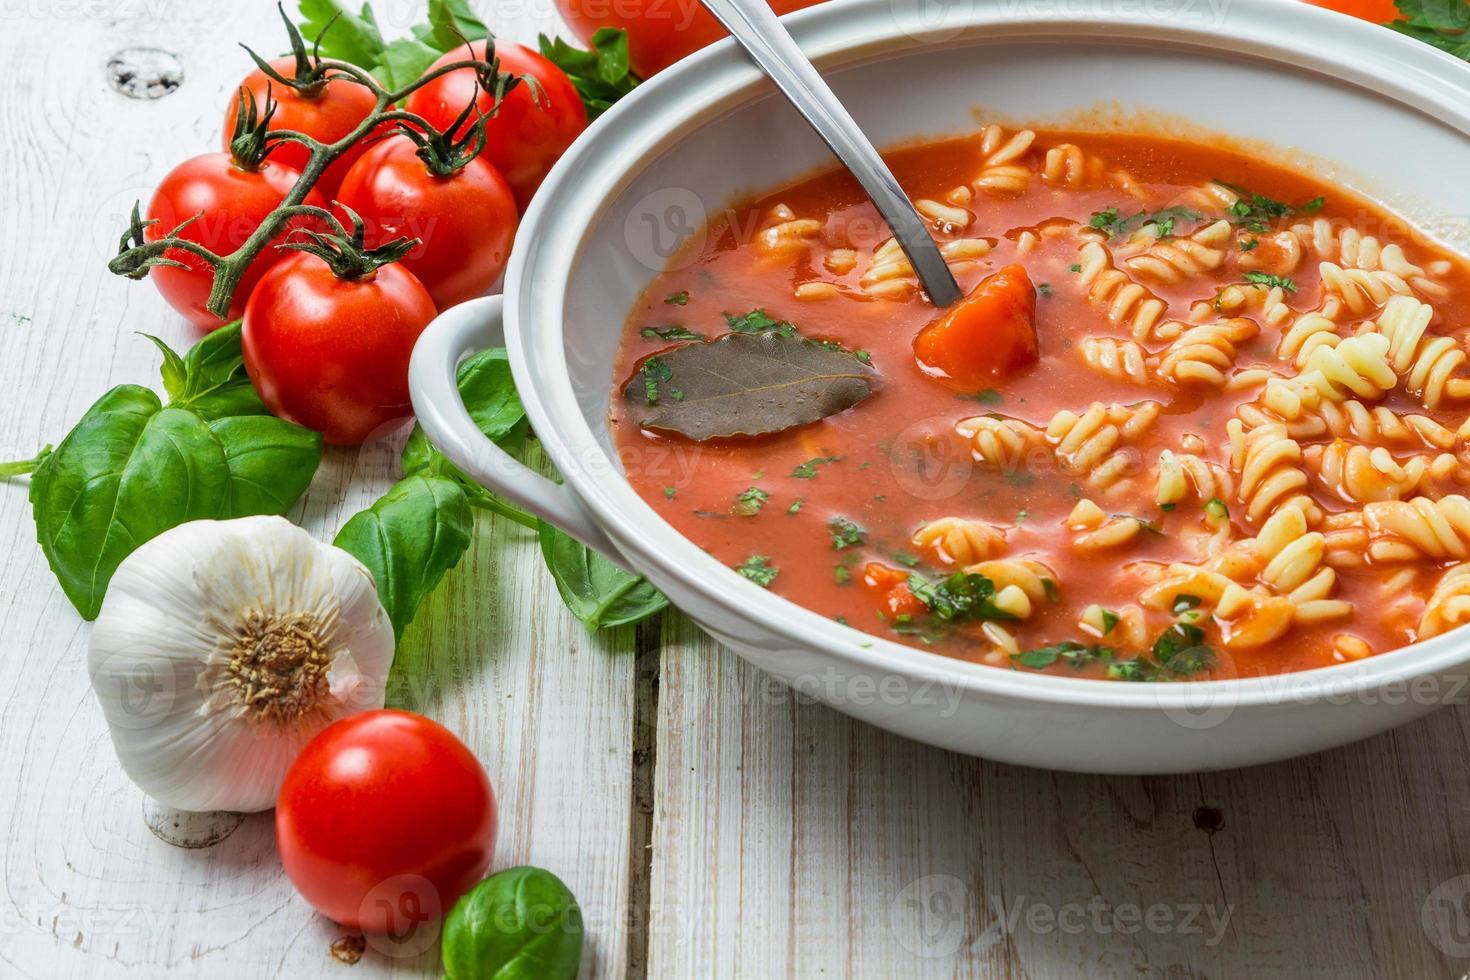 sopa de tomate com alho e manjericão foto